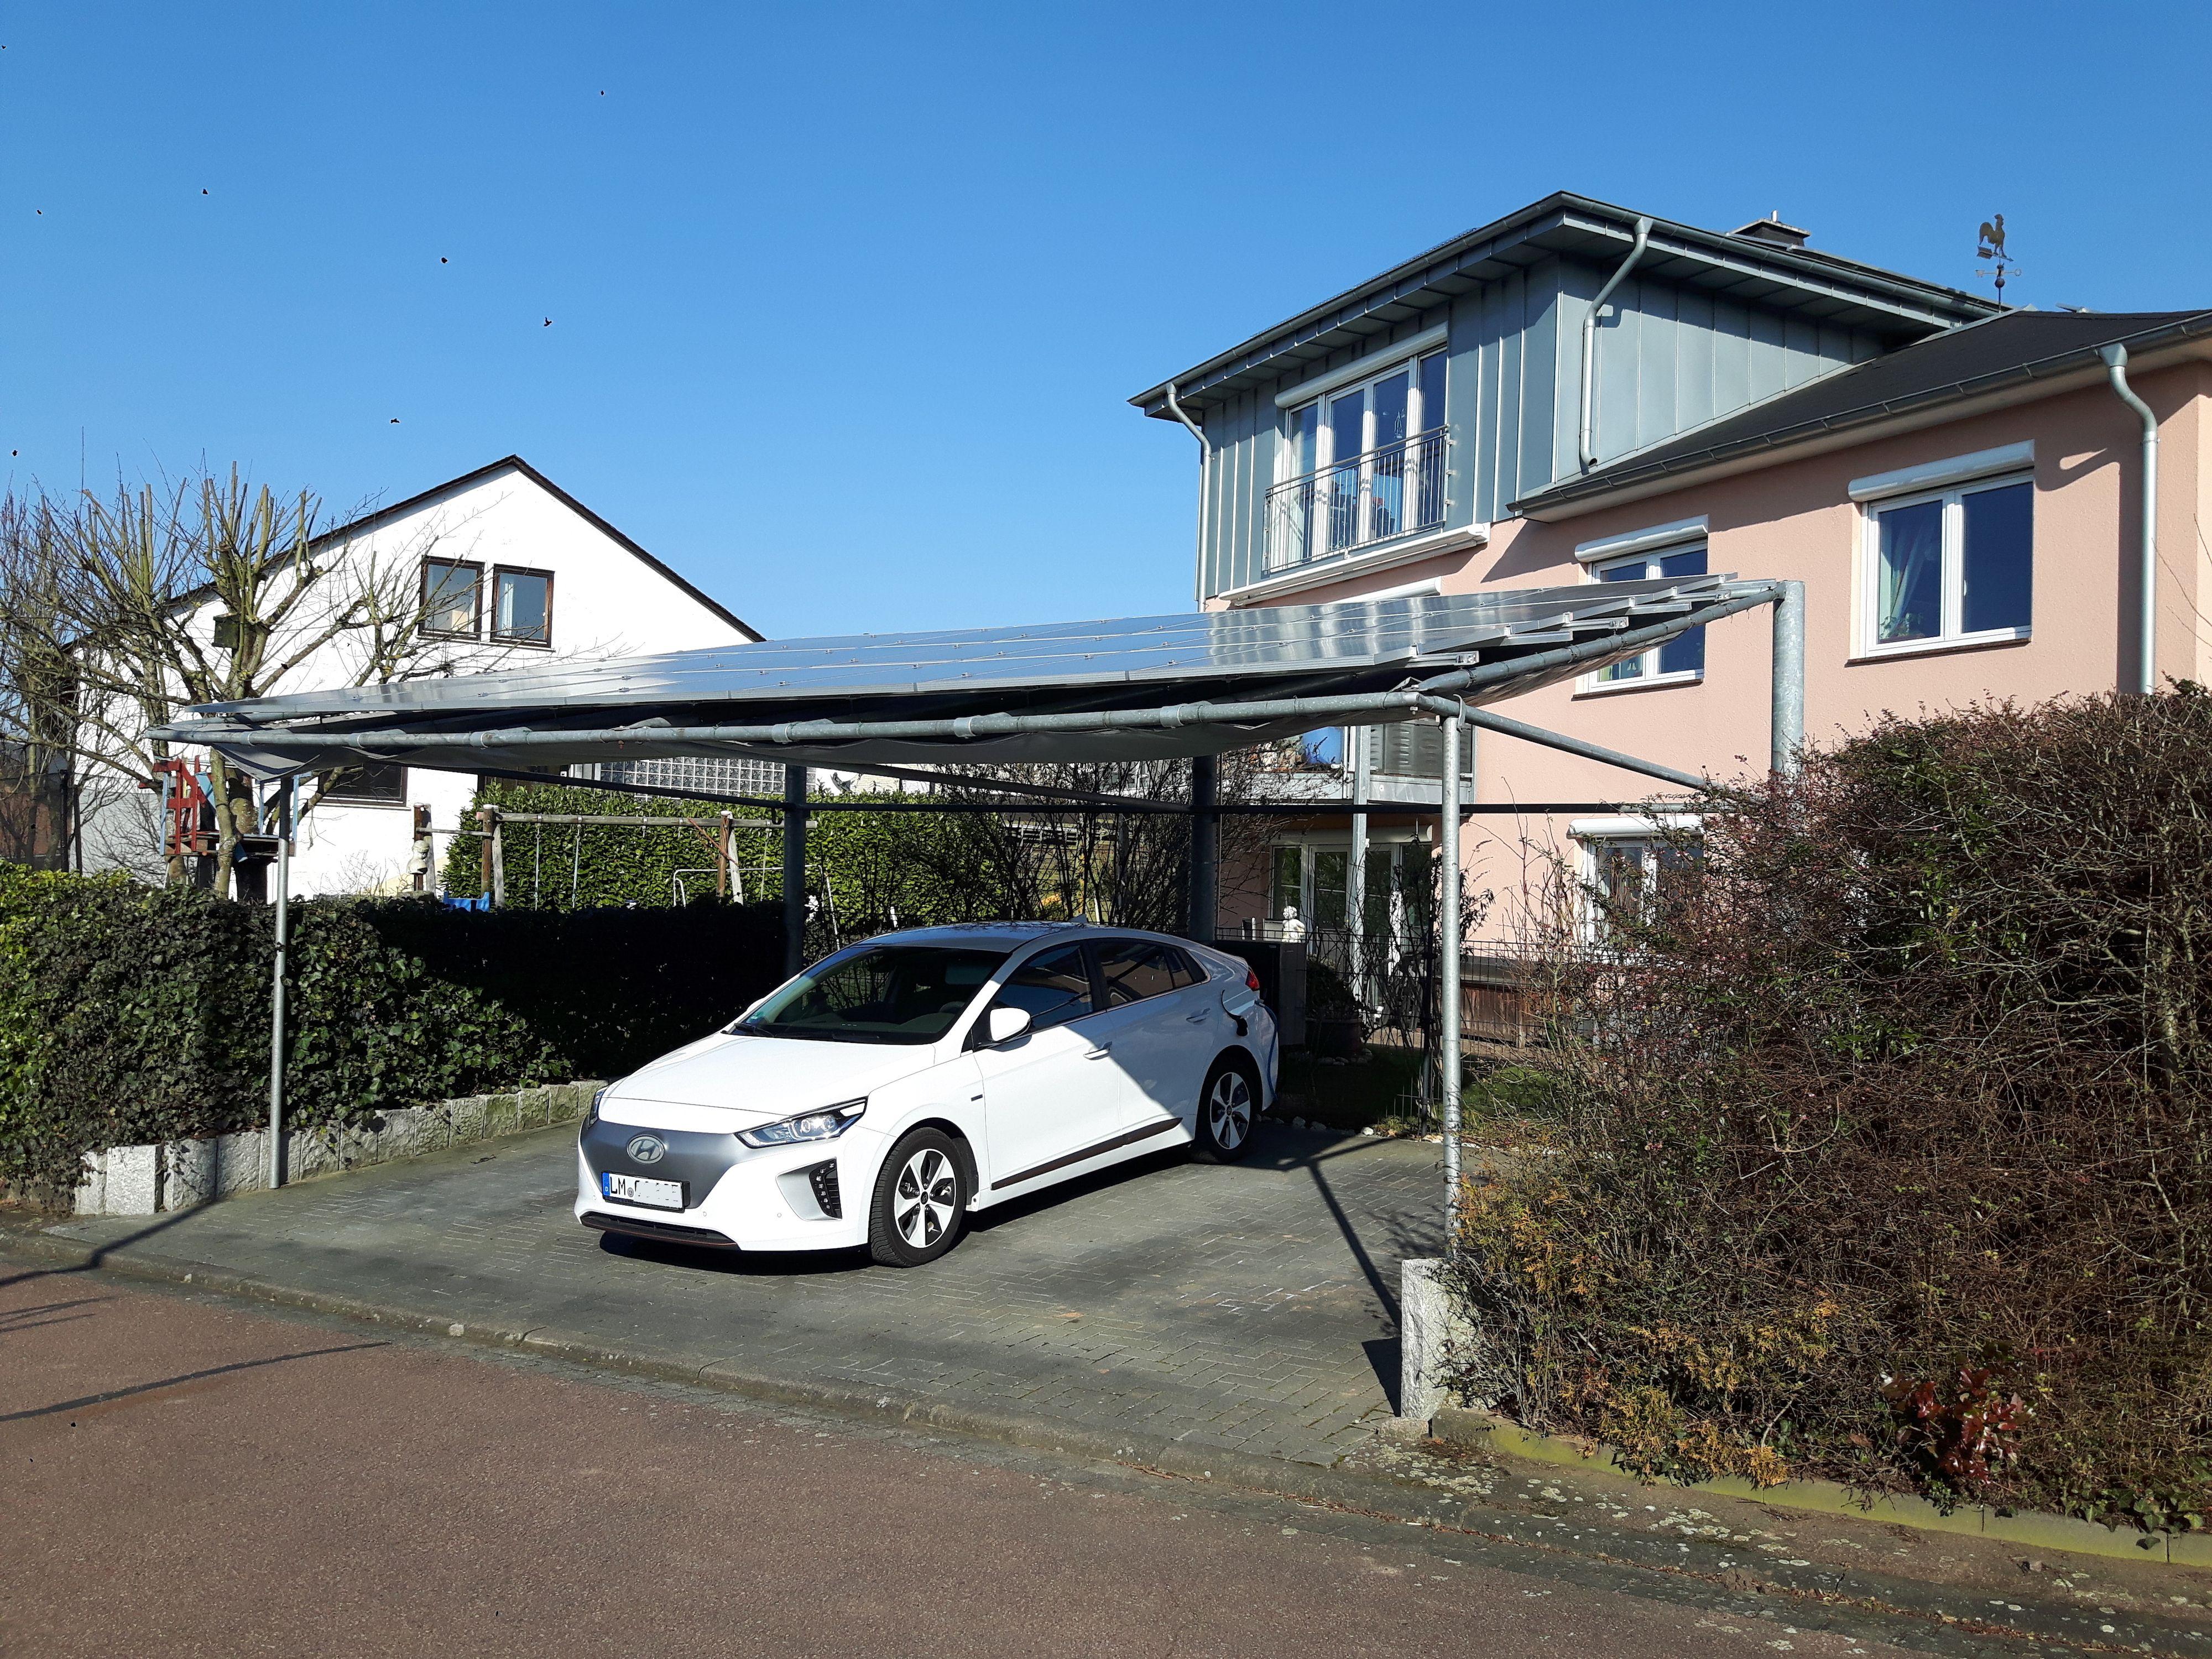 Carport Mit Solardach Preis Auf Anfrage Solar Carport Uberdachung Elektroauto Hybrid Parkbereich Garten Wohnmobil Plug In Aut Carports Solar Carport